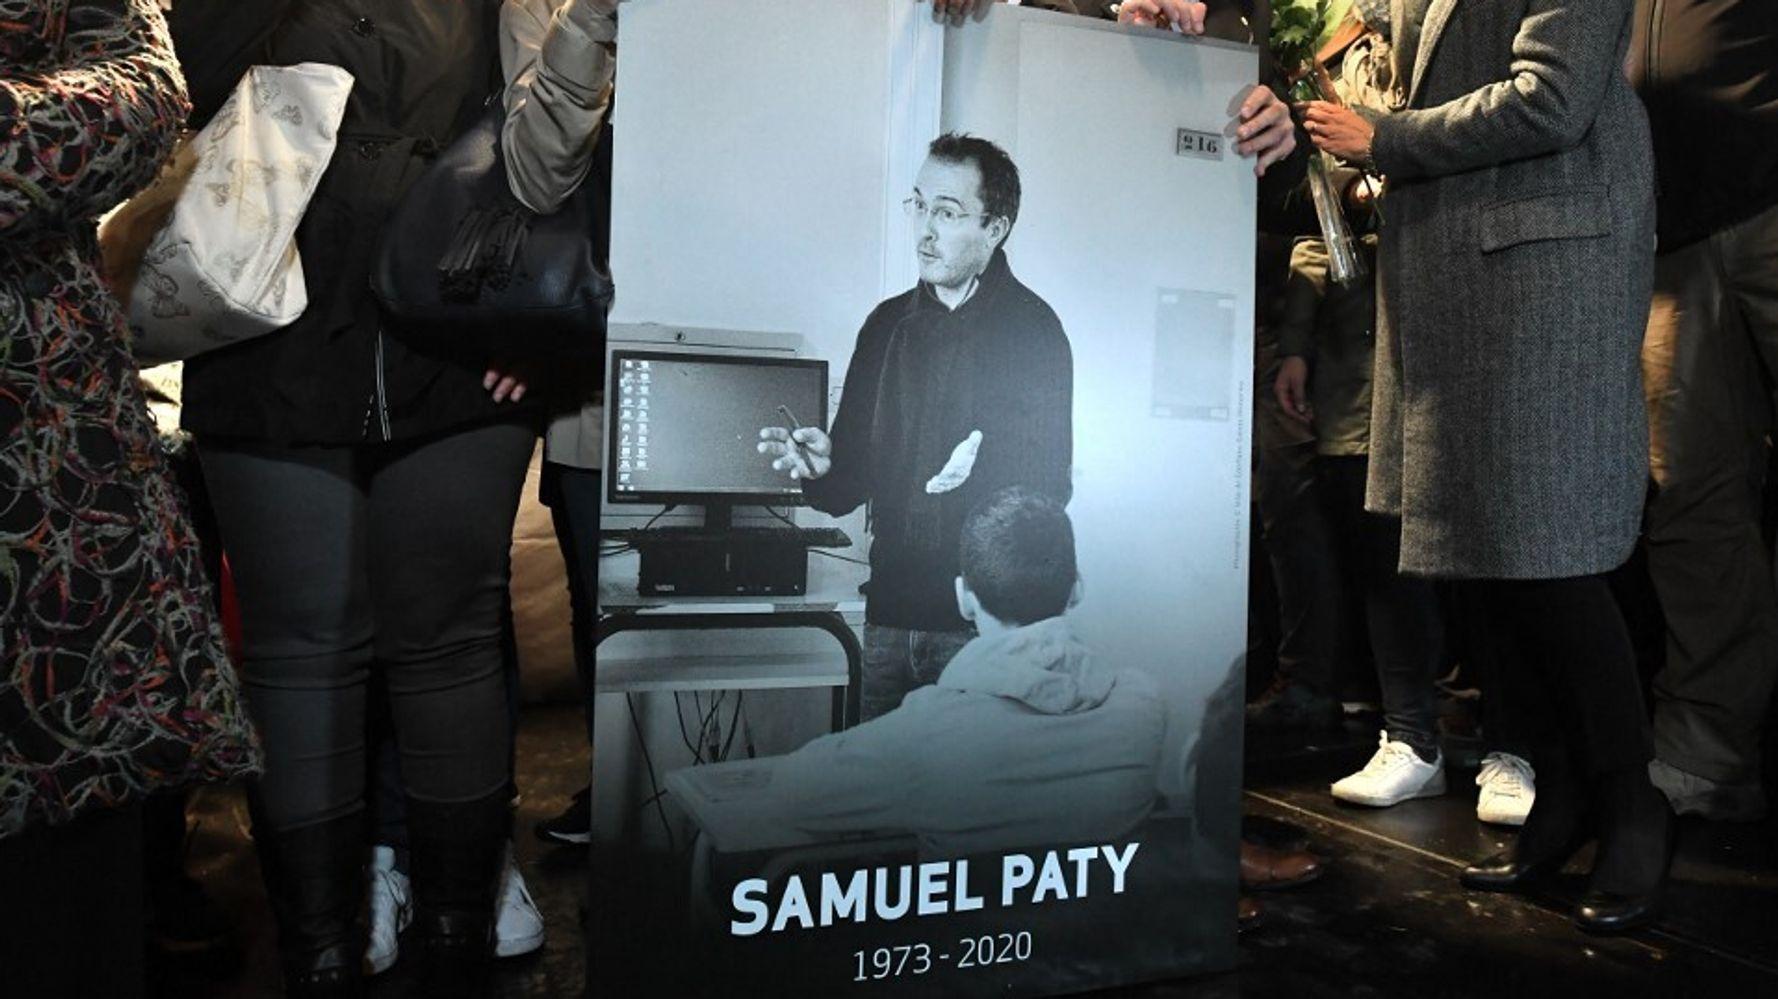 Une statue de Samuel Paty sera érigée à Conflans-Sainte-Honorine dans son collège